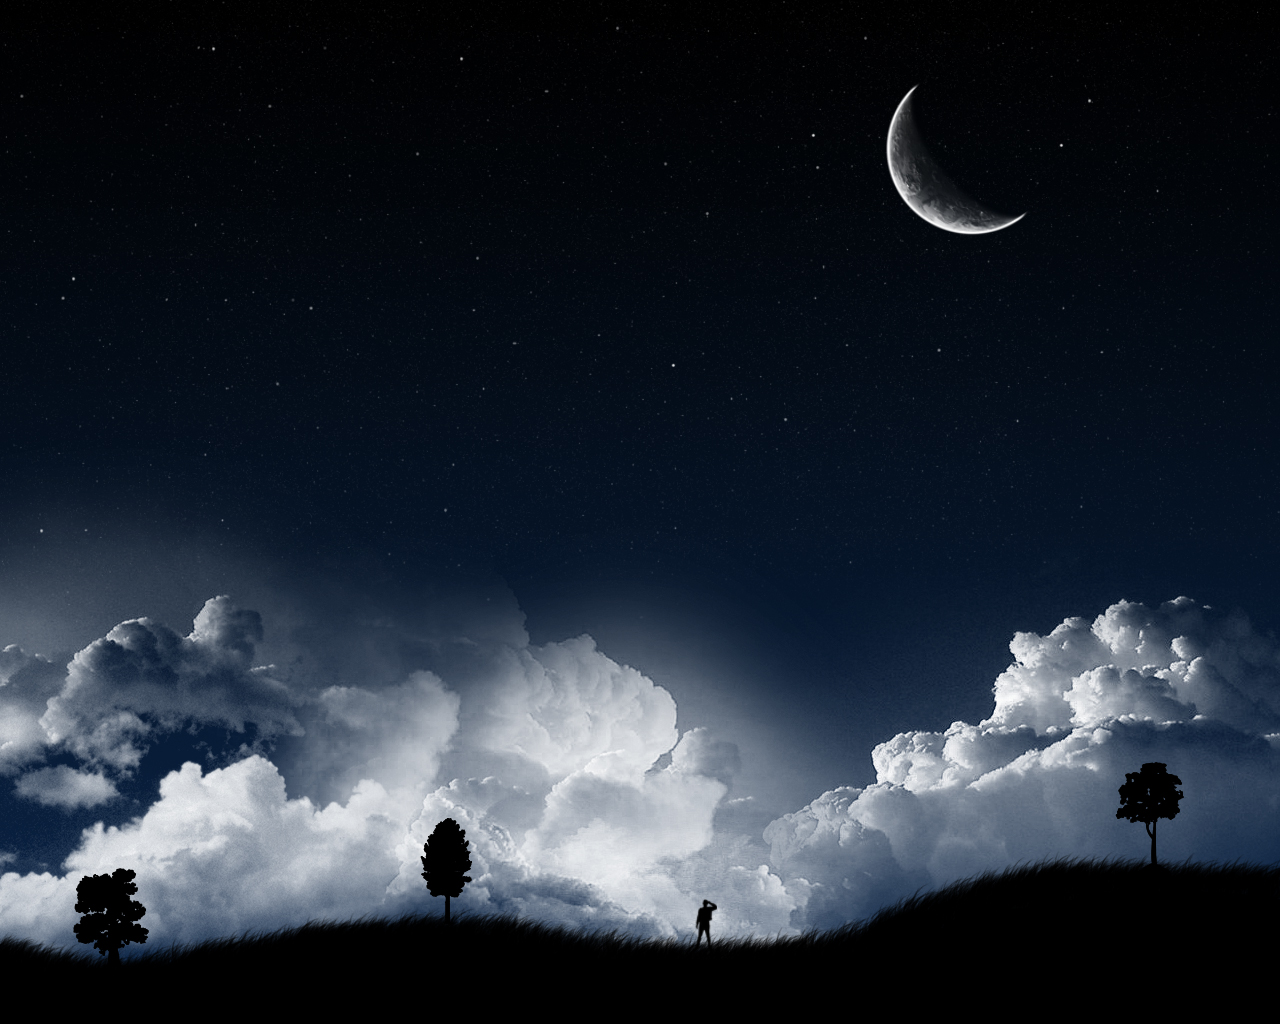 Night Wallpaper Night HD Wallpaper 1 1280x1024